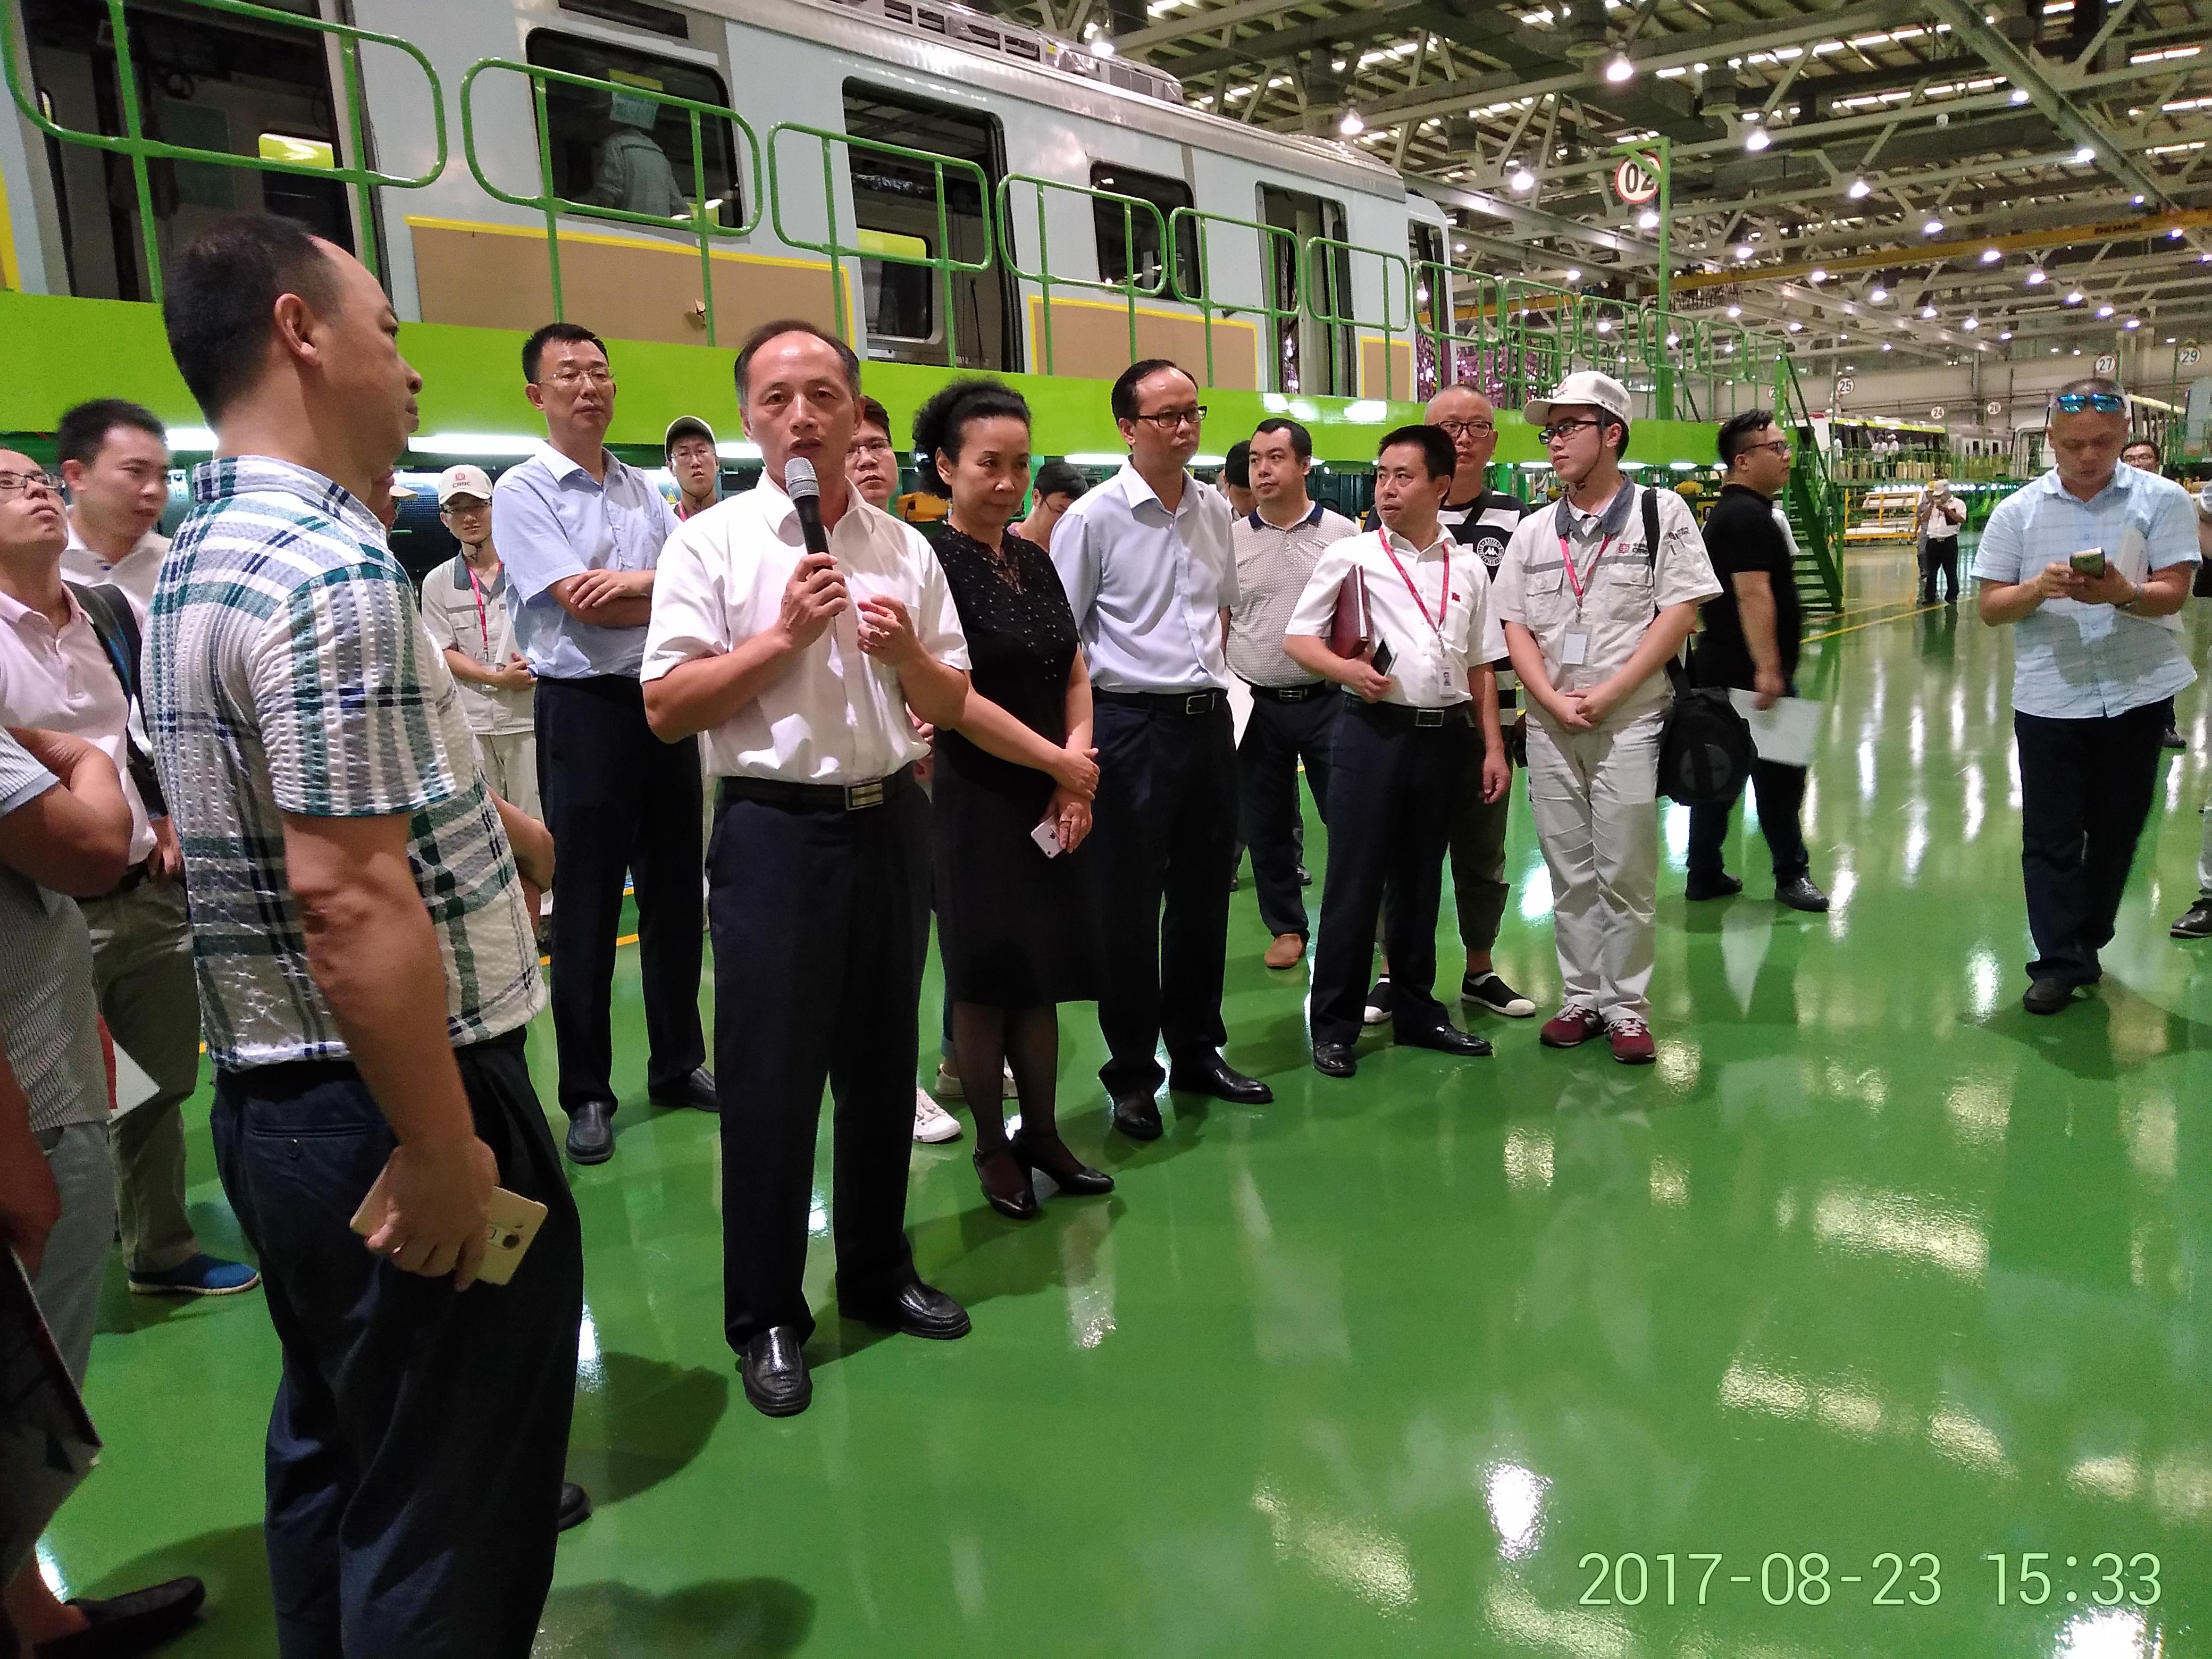 2017年8月,省委统战部组织新阶层人士参观访问株洲制造。